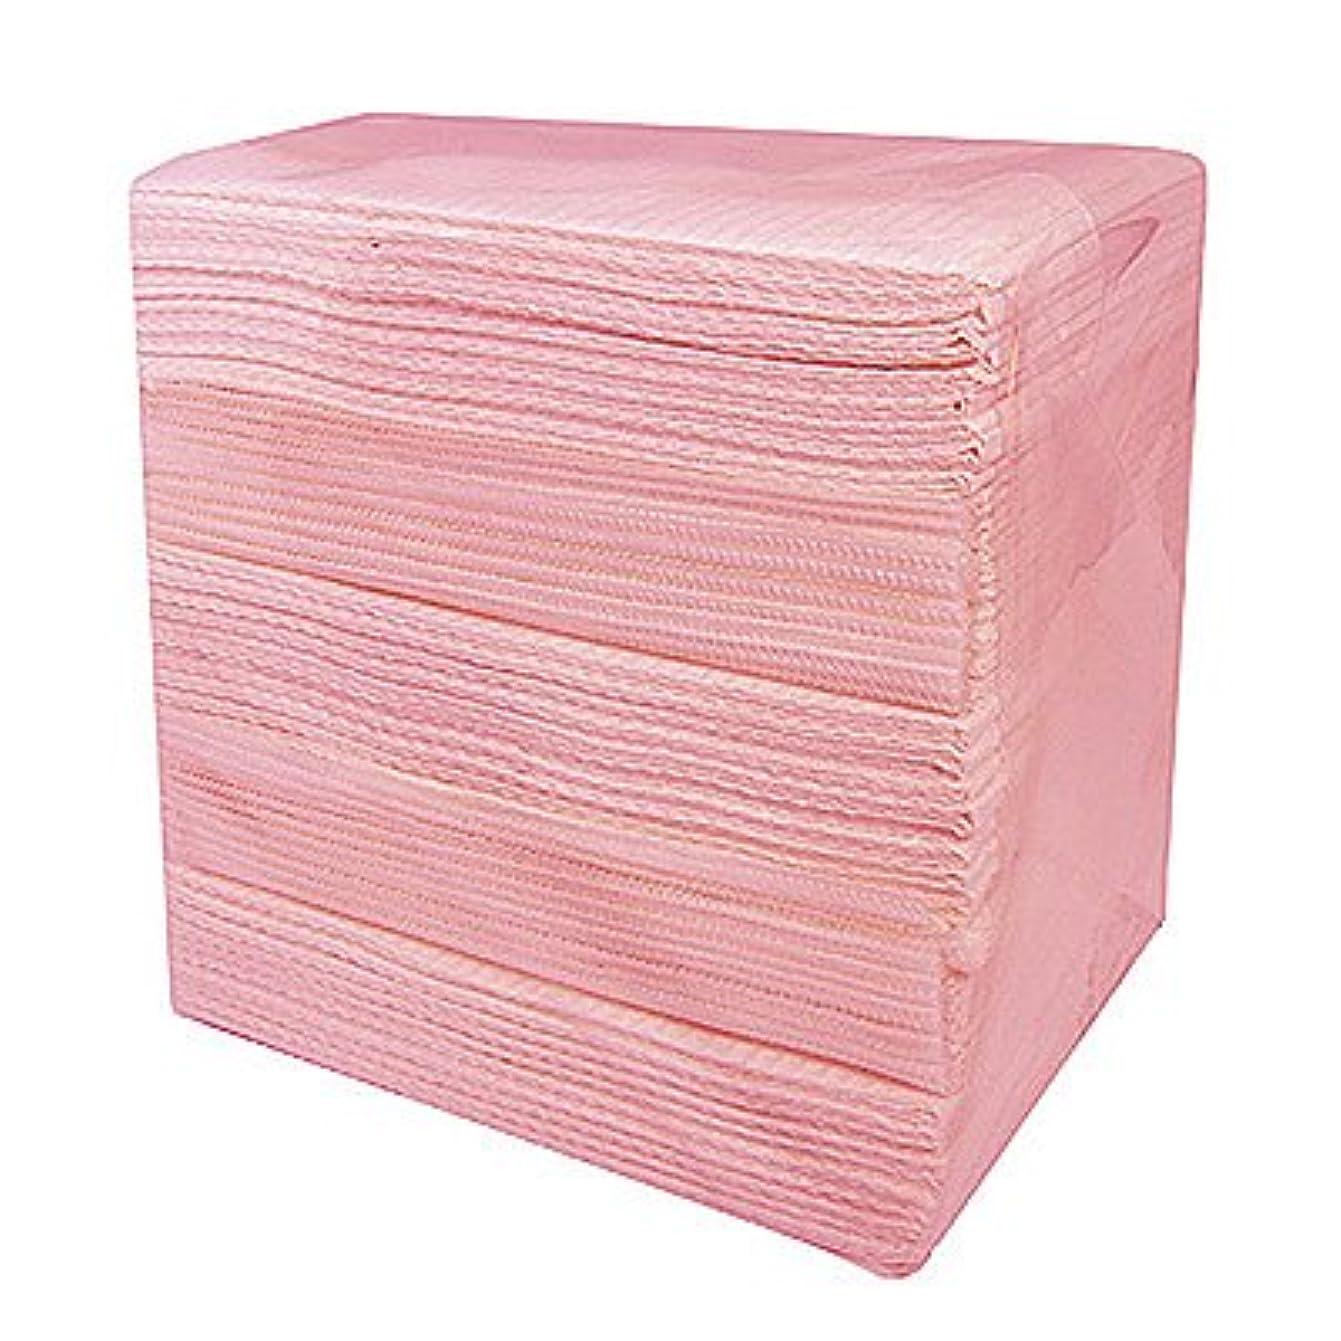 ありふれた単調な固体完全防水ネイルペーパー ピンク 50枚入